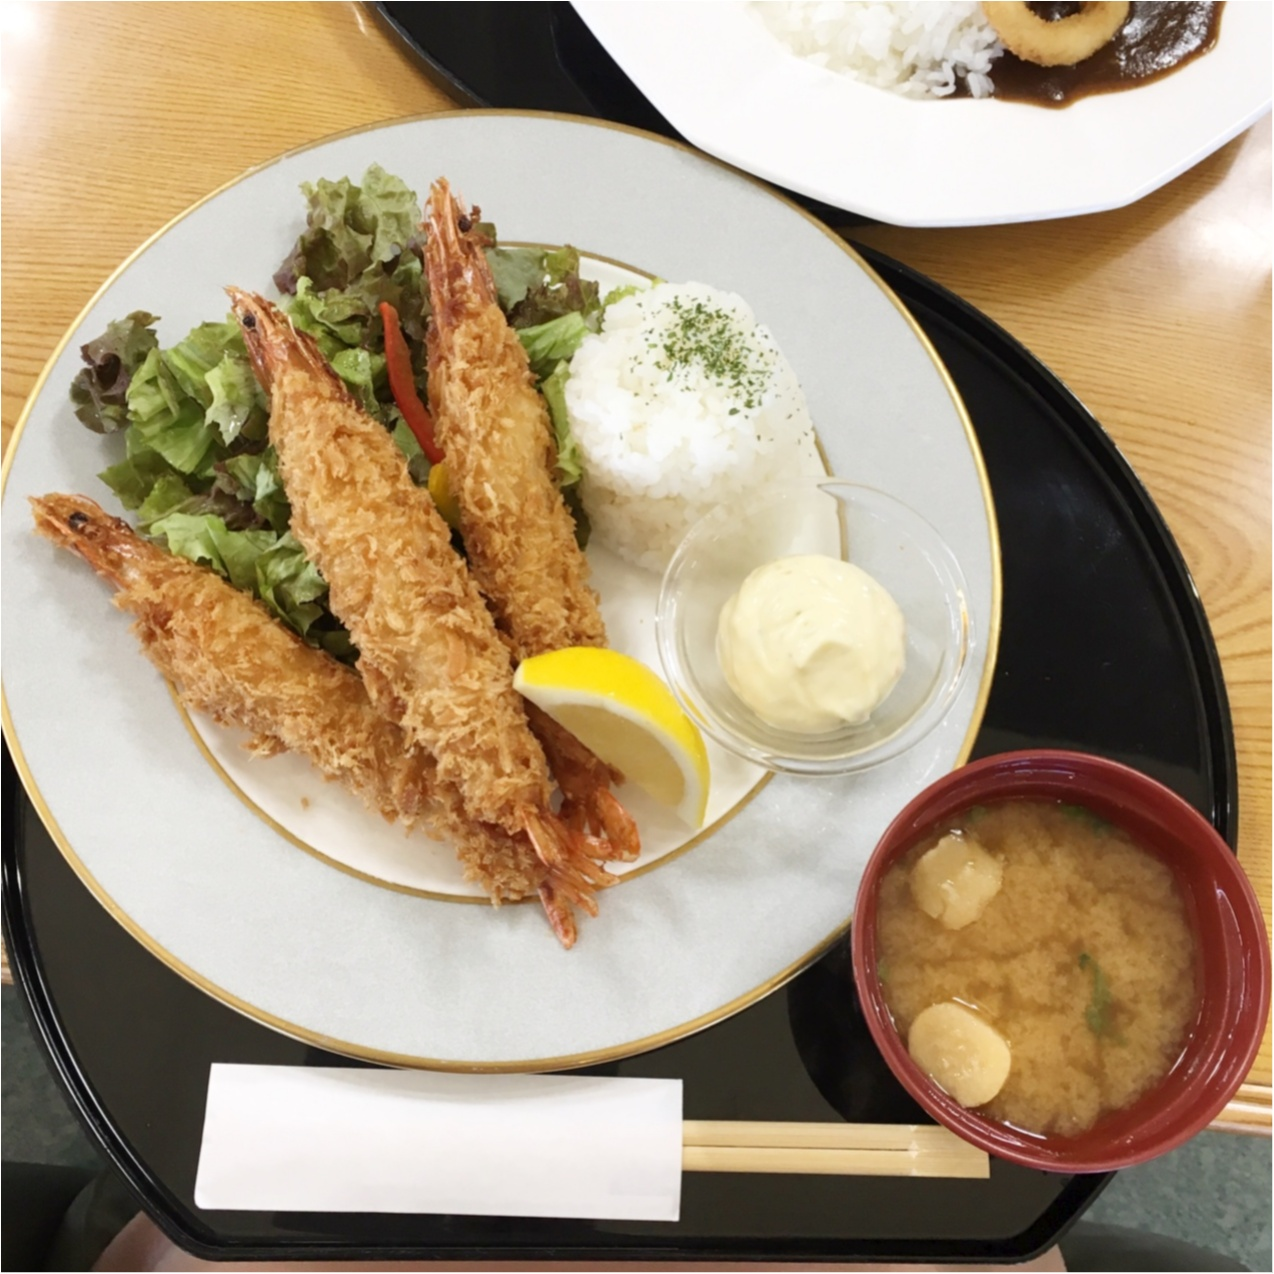 鳥取に行ったら行きたい♡ご当地コーヒーの 《 すなば珈琲 》へ行ってみた♡♡_4